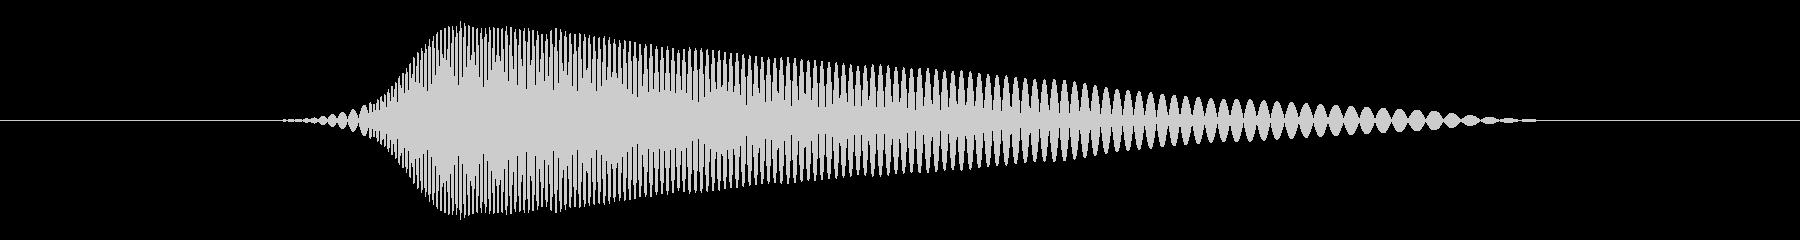 ポウ↓(キャンセル音)の未再生の波形